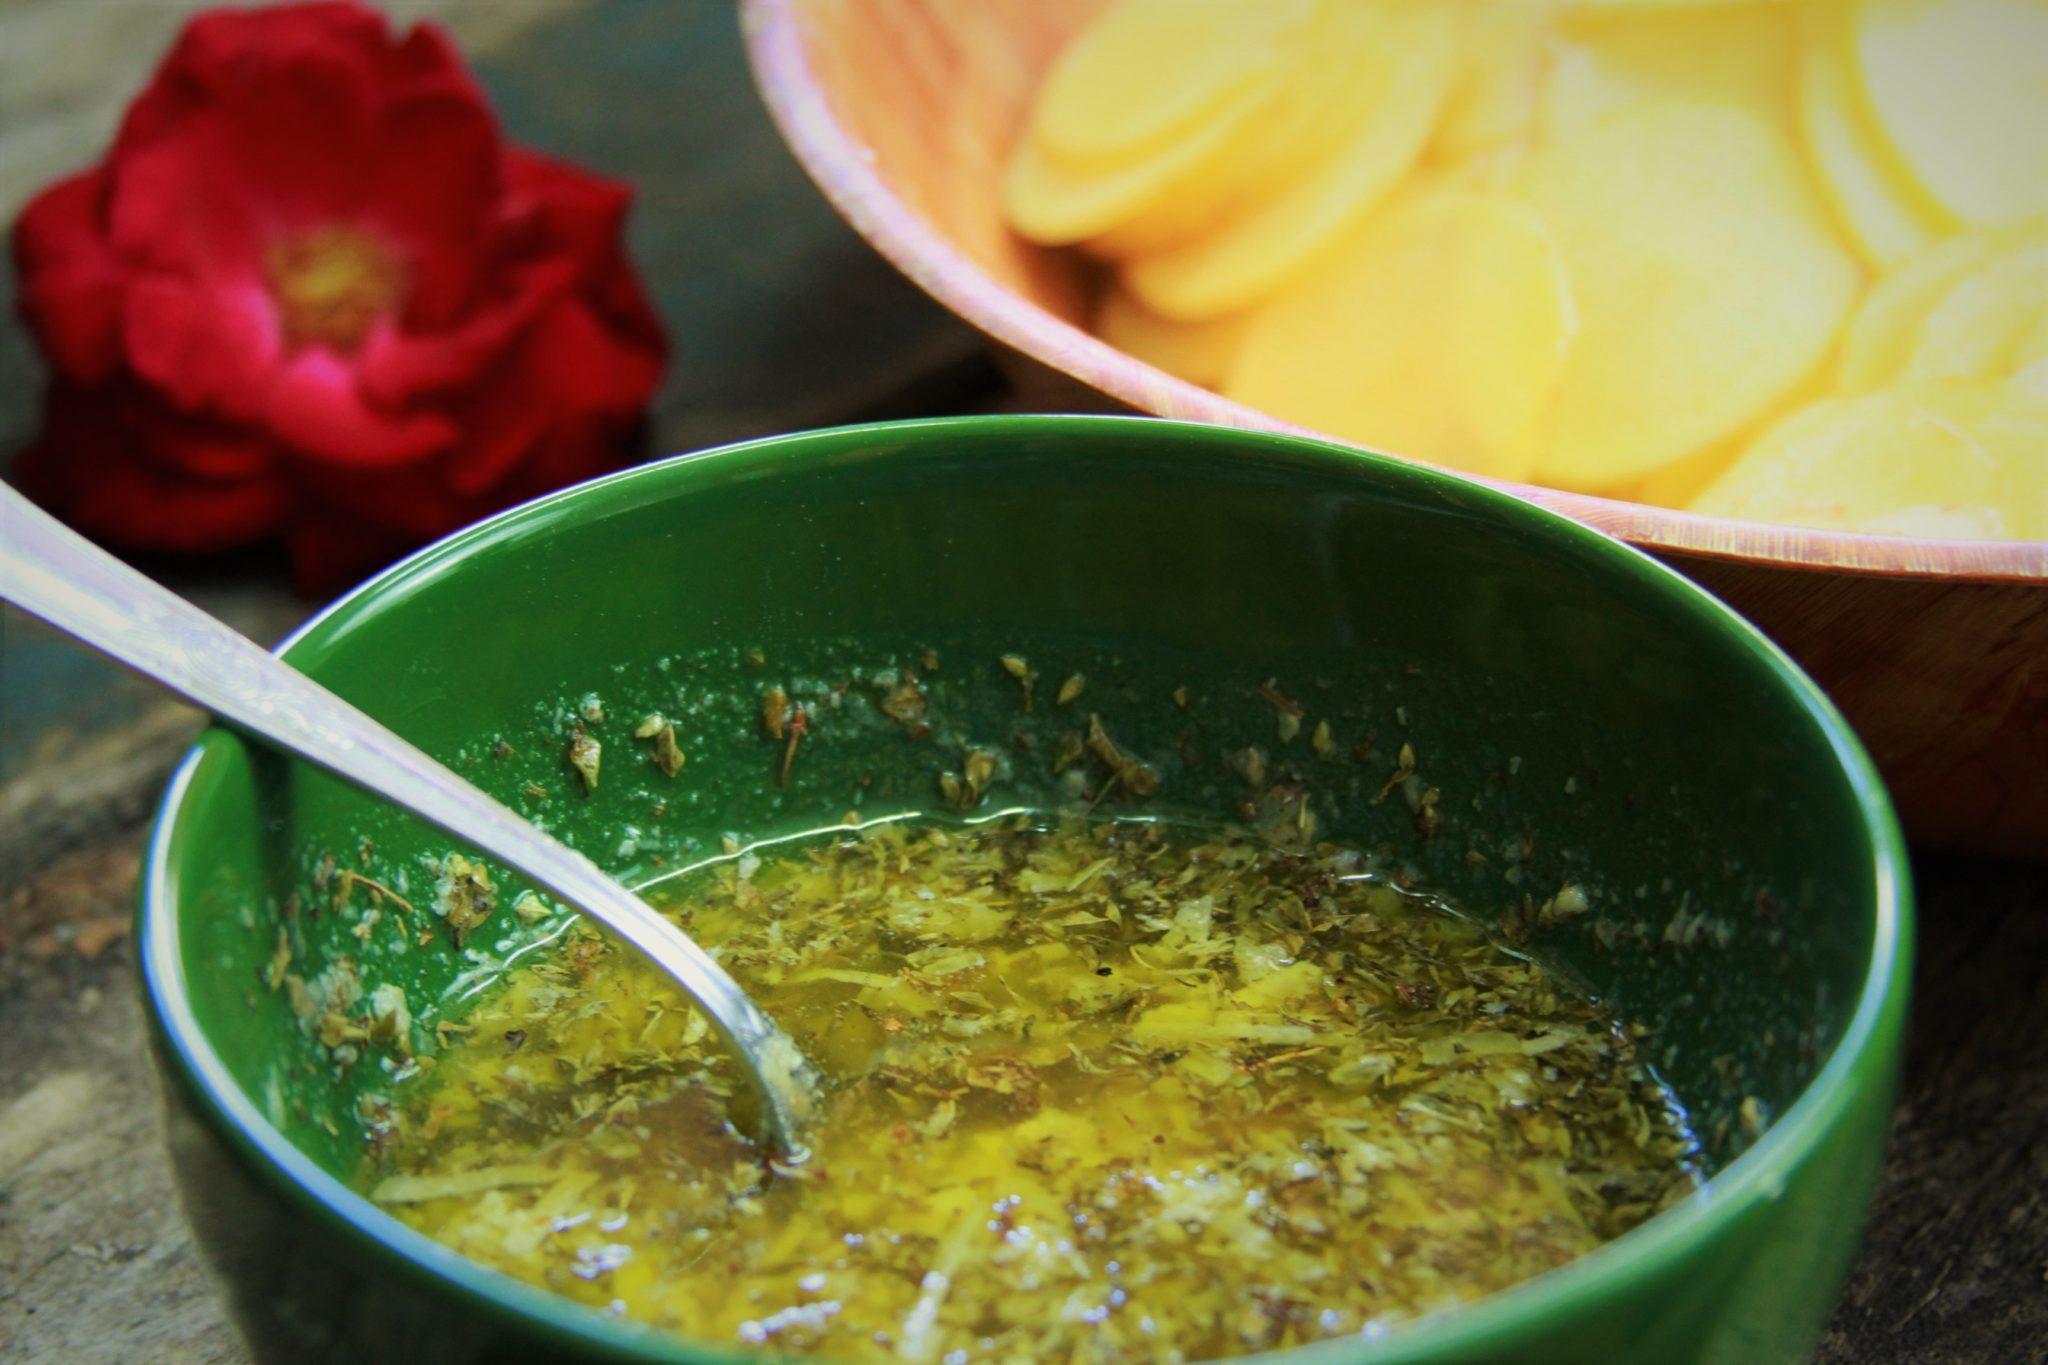 Manteiga derretida com orégano, alho e queijo ralado para mil folhas de batata